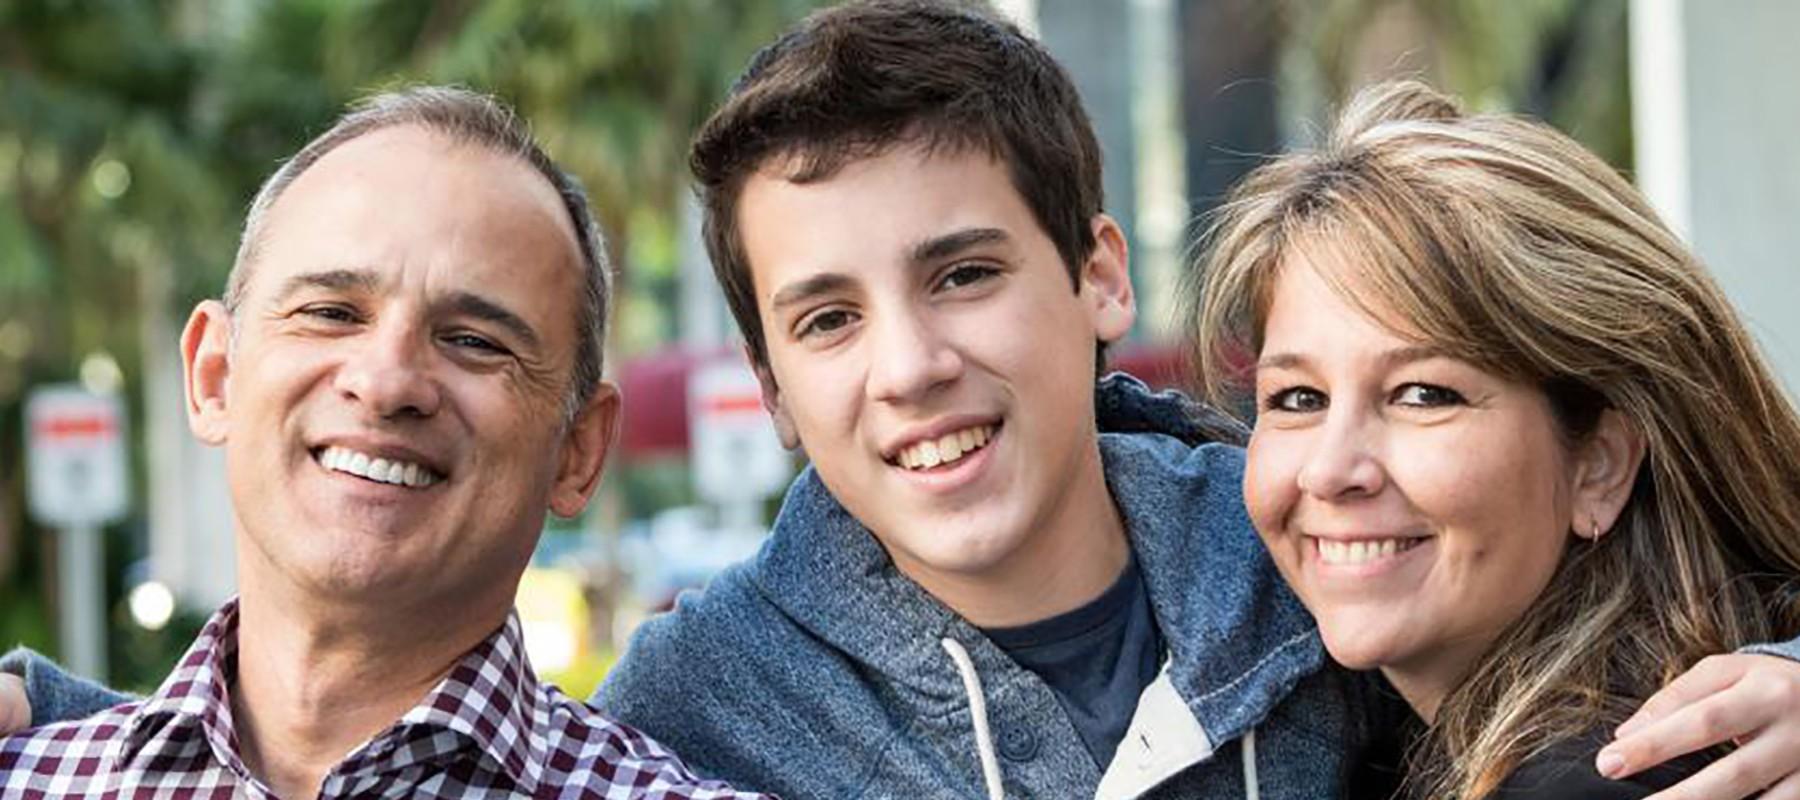 Τι αλλάζει στην οικογένεια όταν τα παιδιά είναι στην εφηβεία;